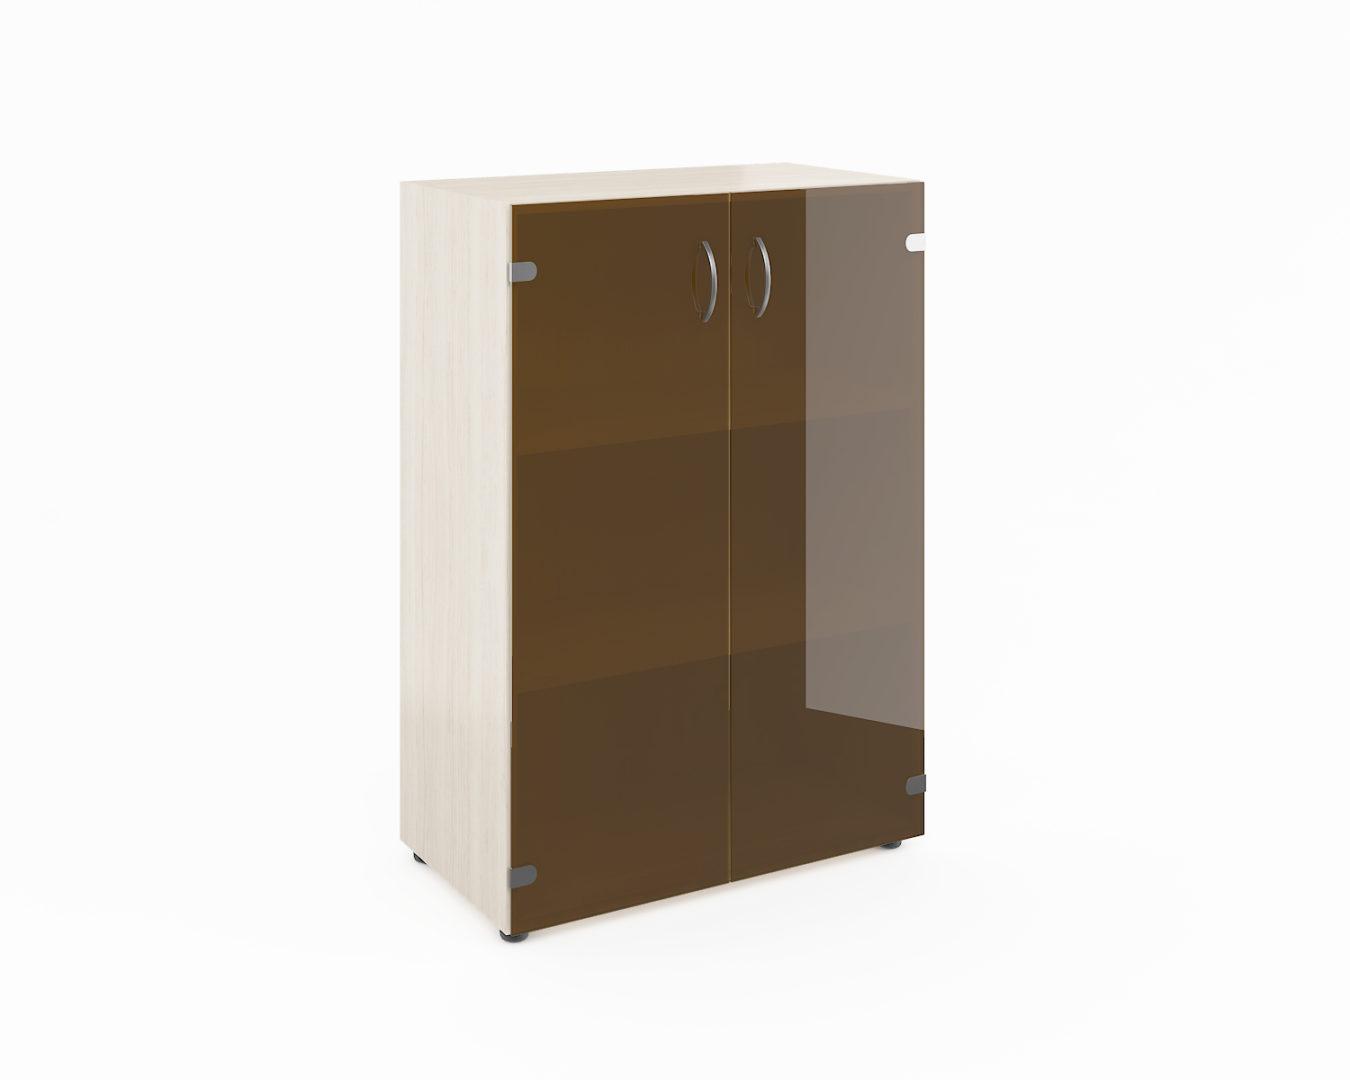 Шкаф широкий средний со стеклом (без топа) Артикул: ФР-5.0+51.0*2+8.3*2